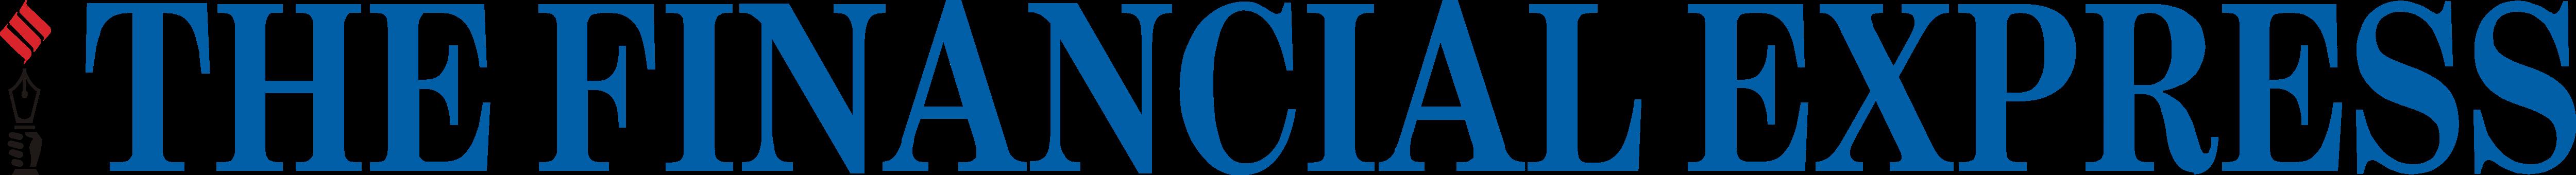 The_Financial_Express_logo